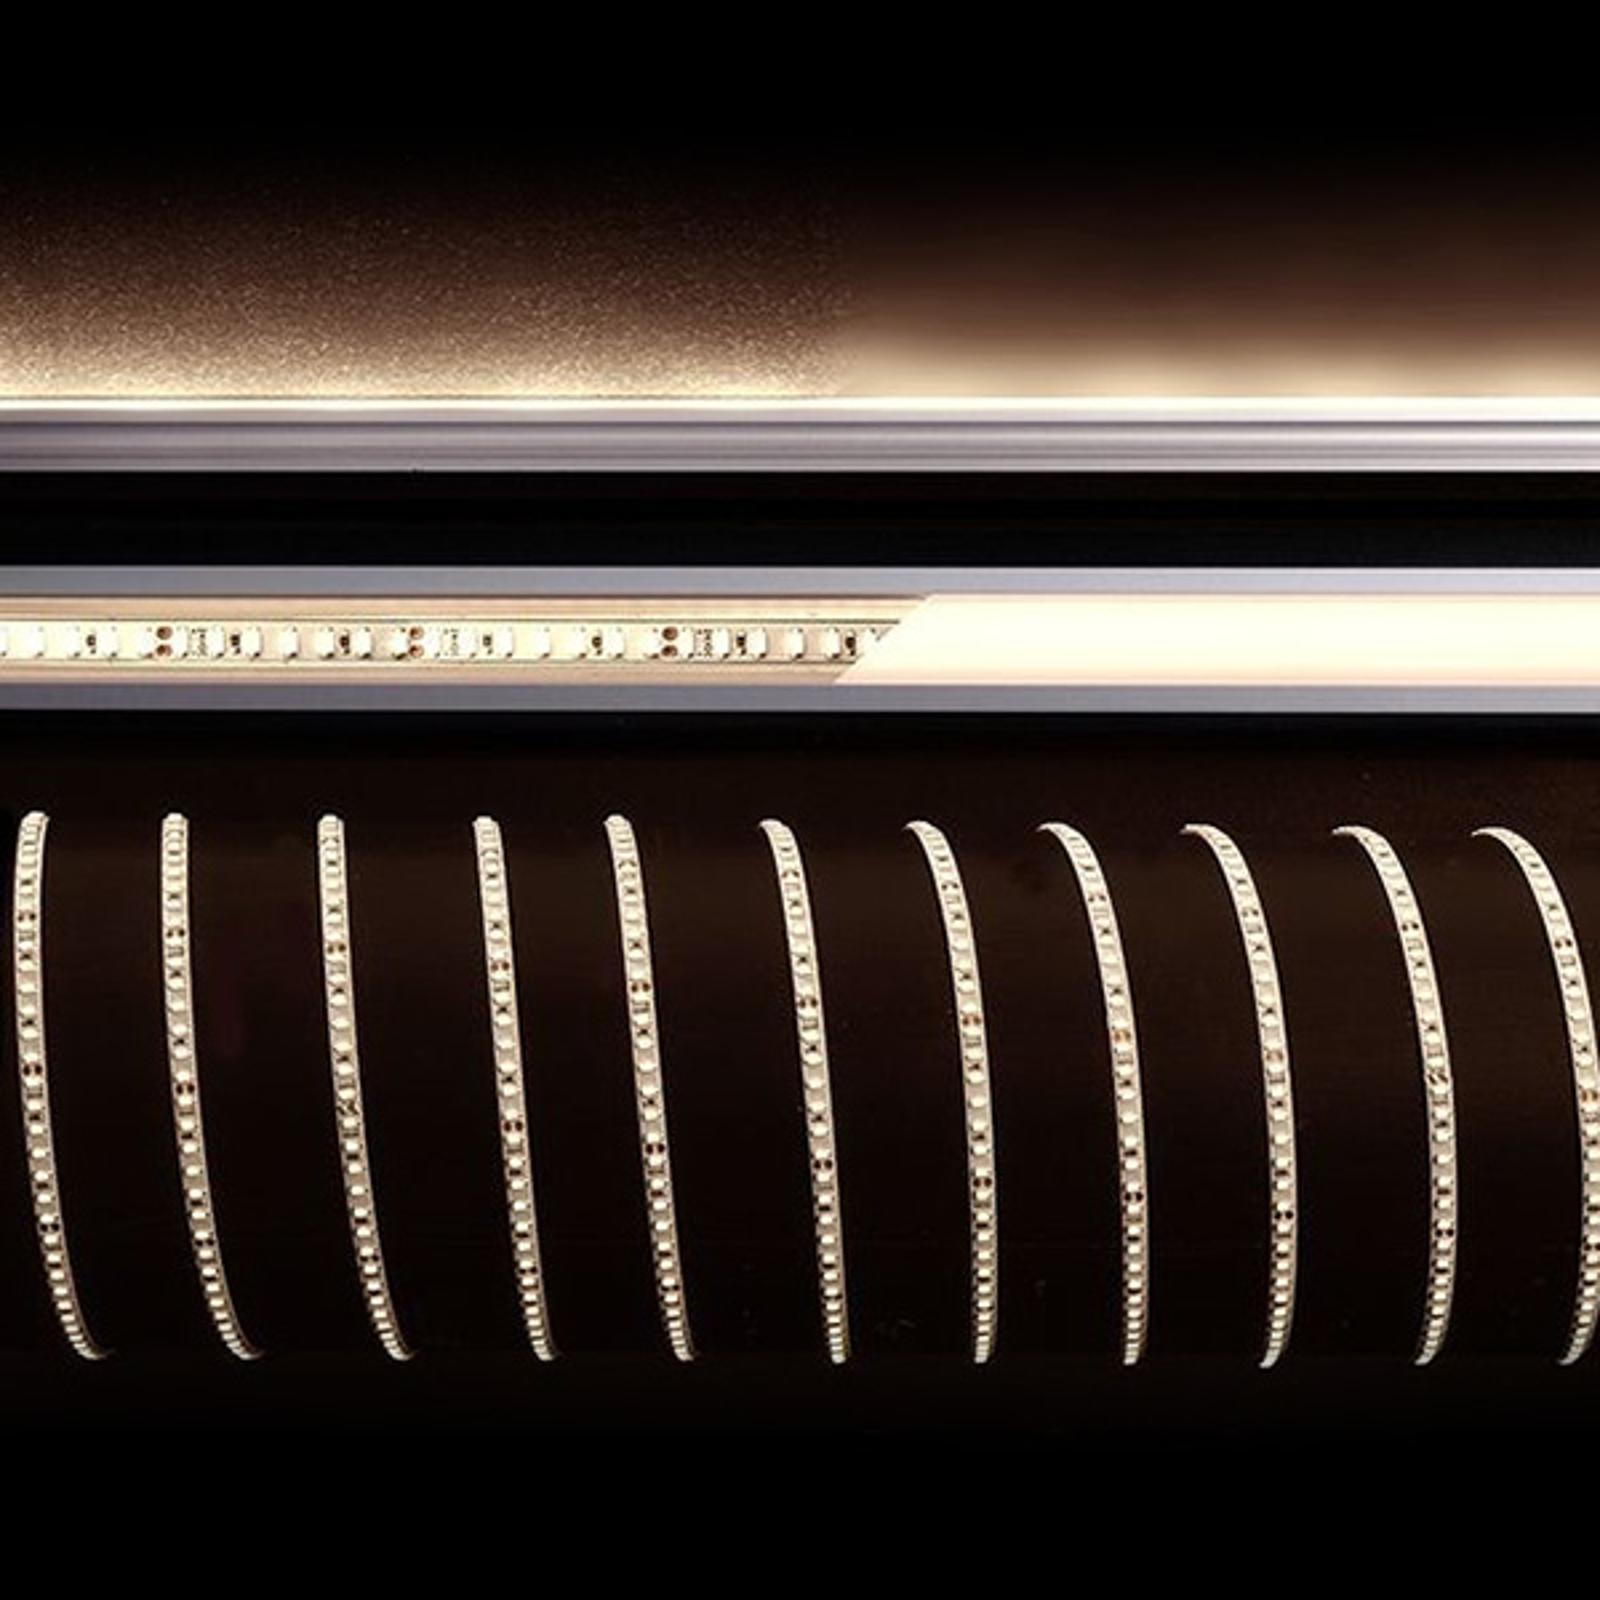 Strip LED flessibile, 45 W, 500x0,4x0,2 cm, 2.700K